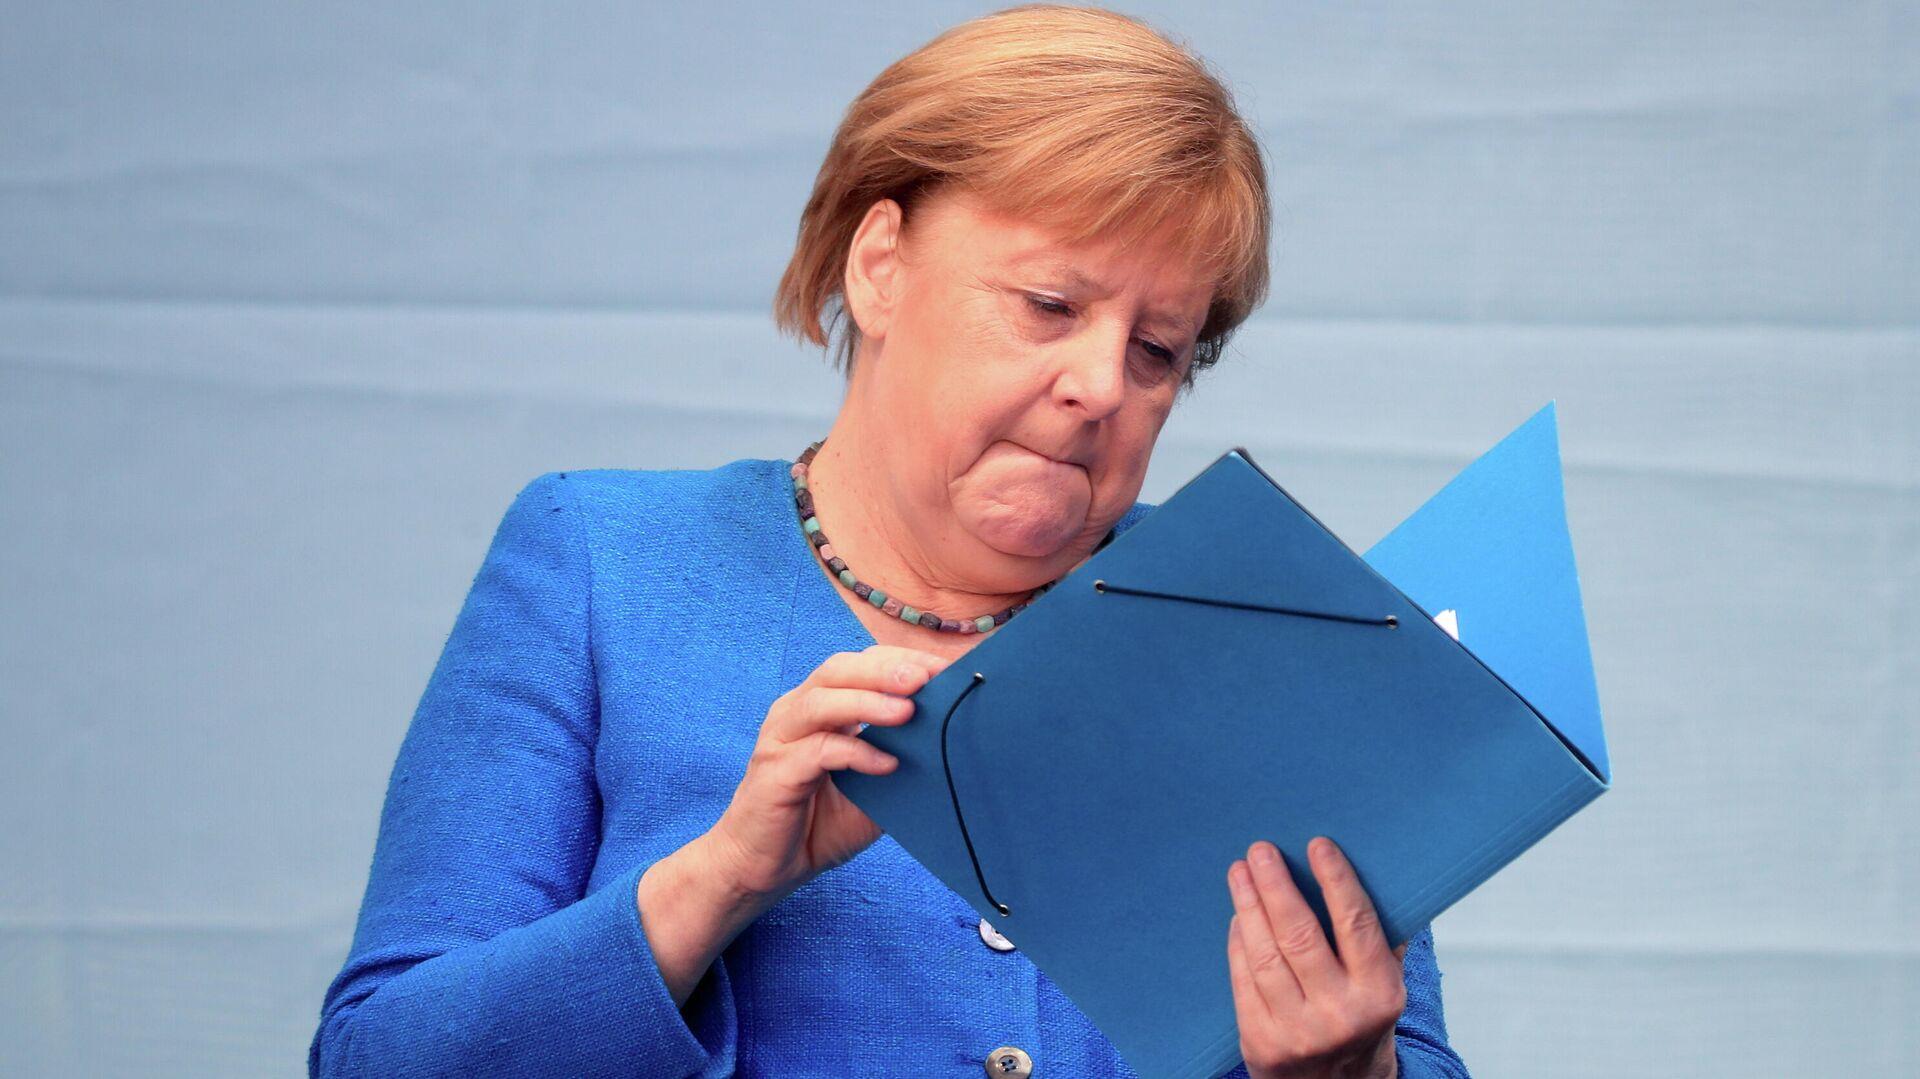 Angela Merkel, canciller de Alemania - Sputnik Mundo, 1920, 26.09.2021